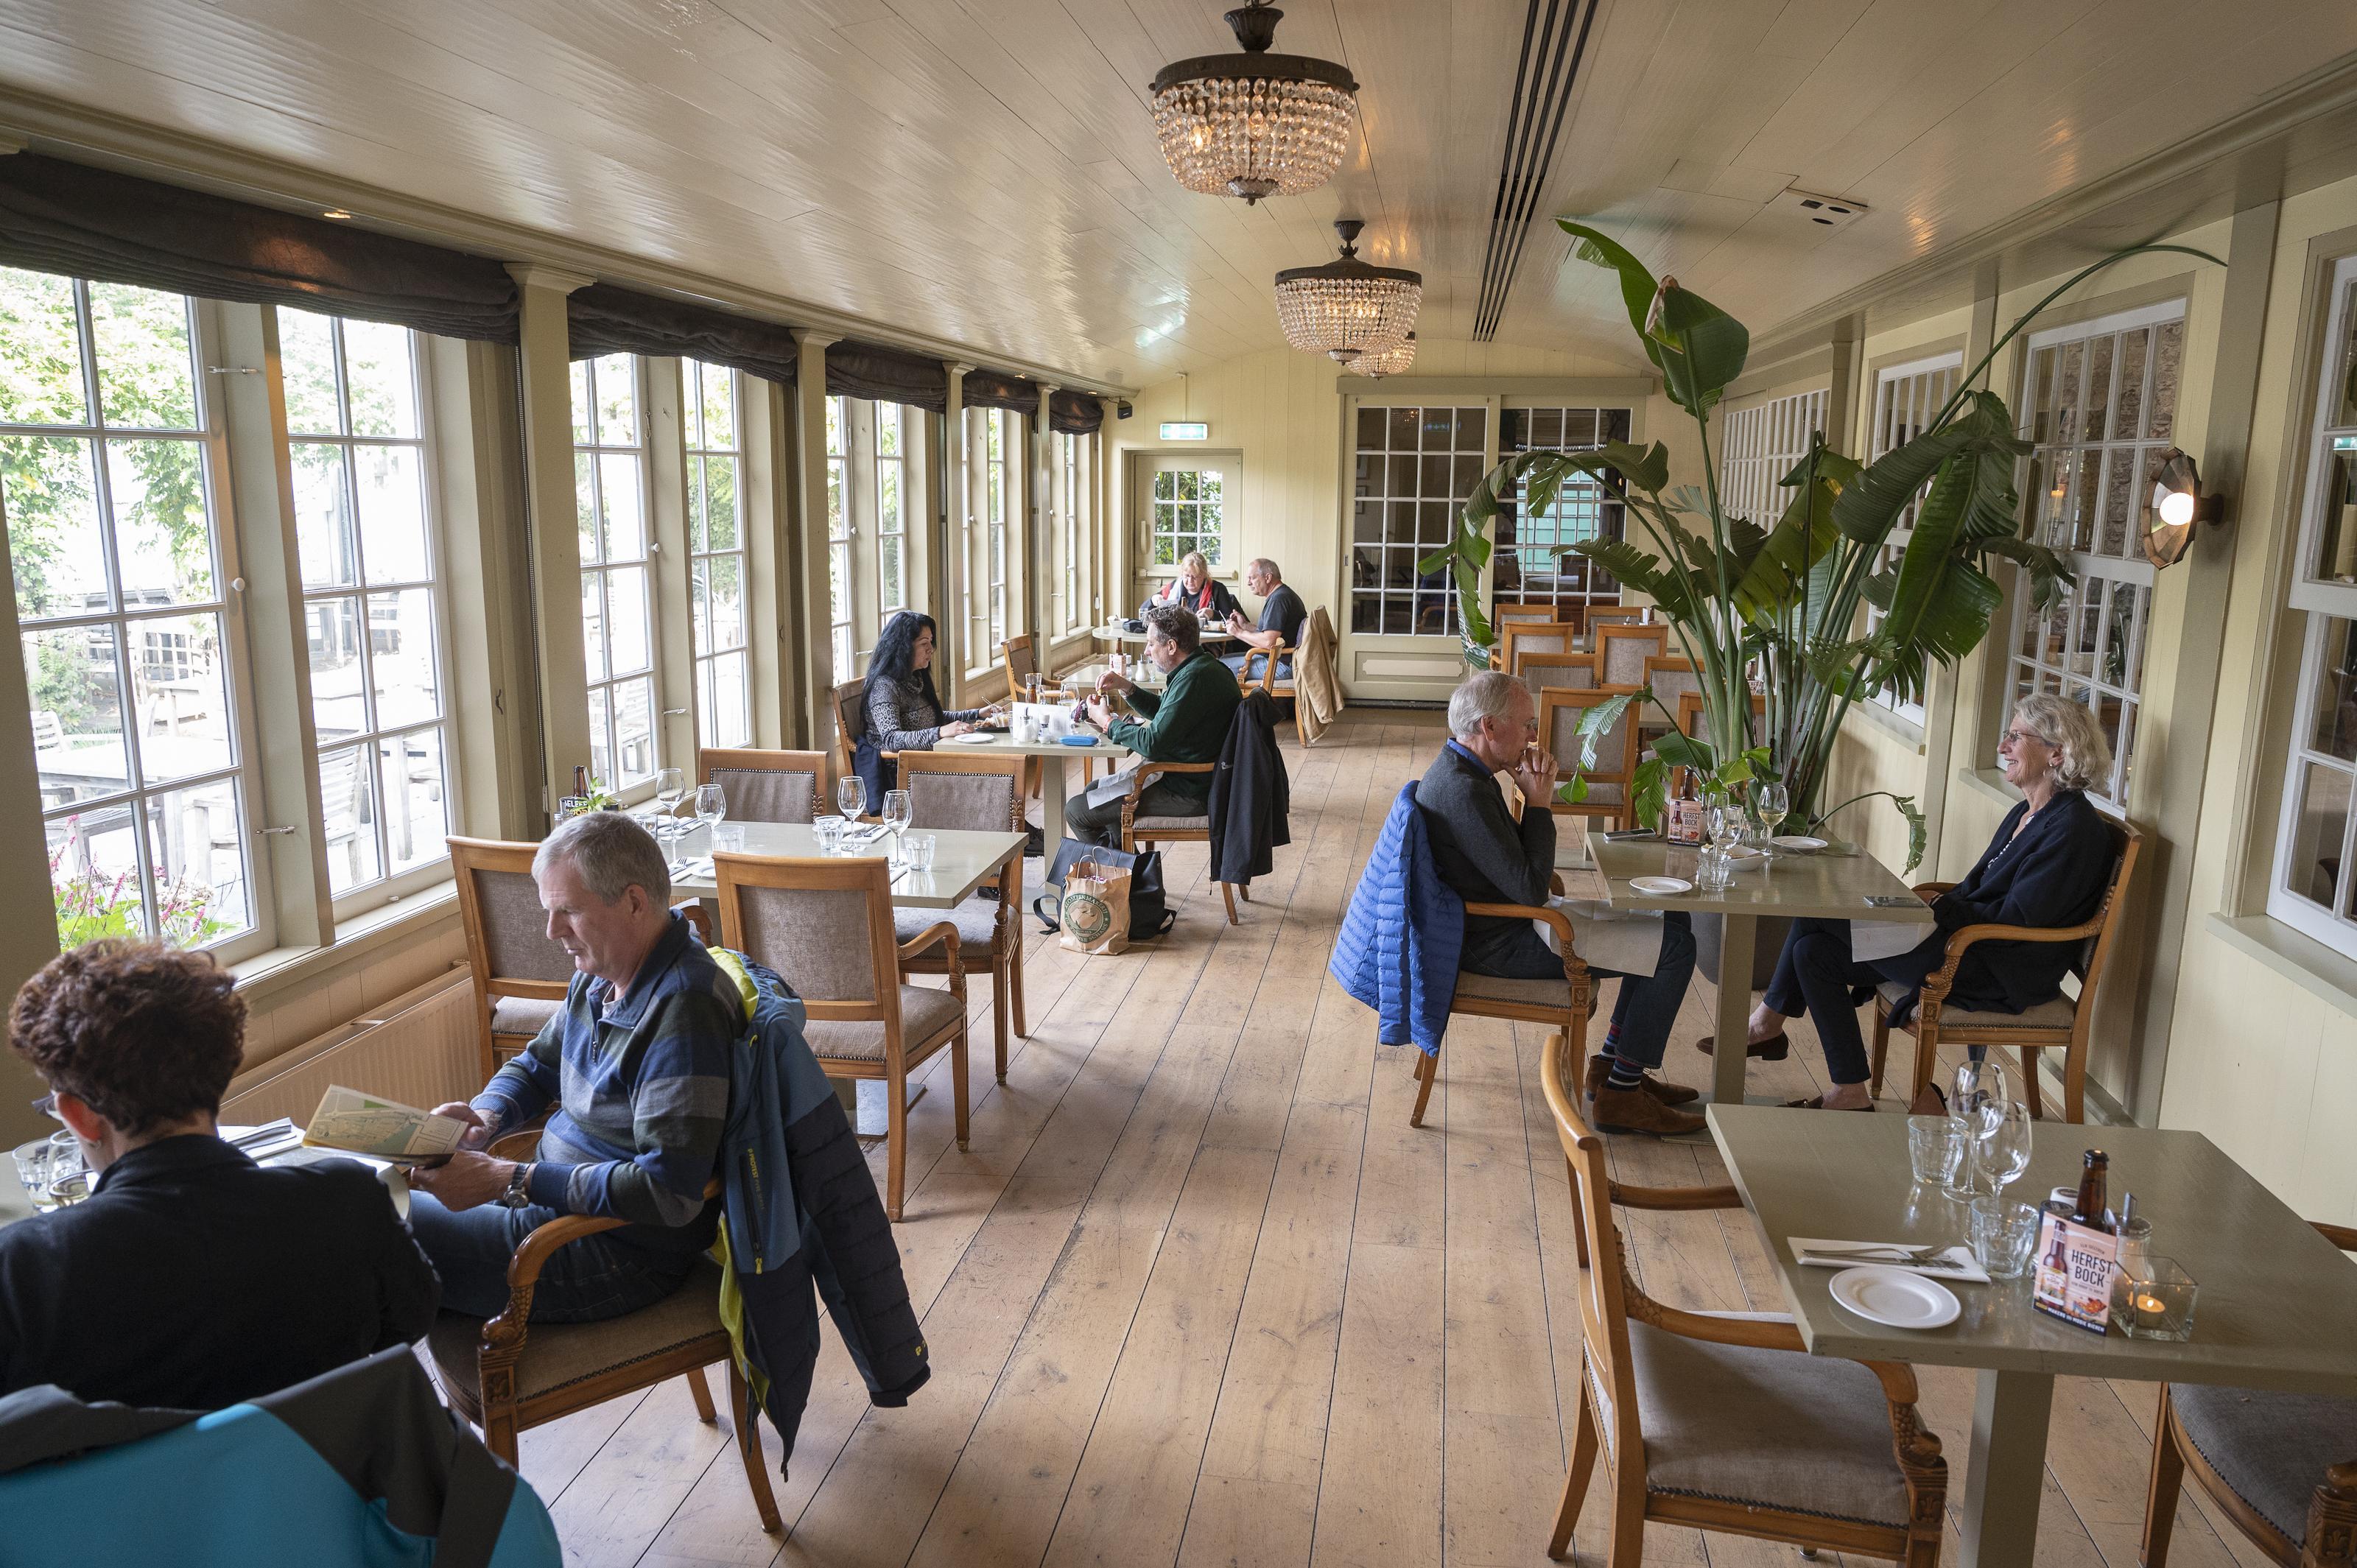 'Hopelijk is het restaurant met kerst weer open'. D' Swarte Walvis in Zaandam gaat weer bezorgen